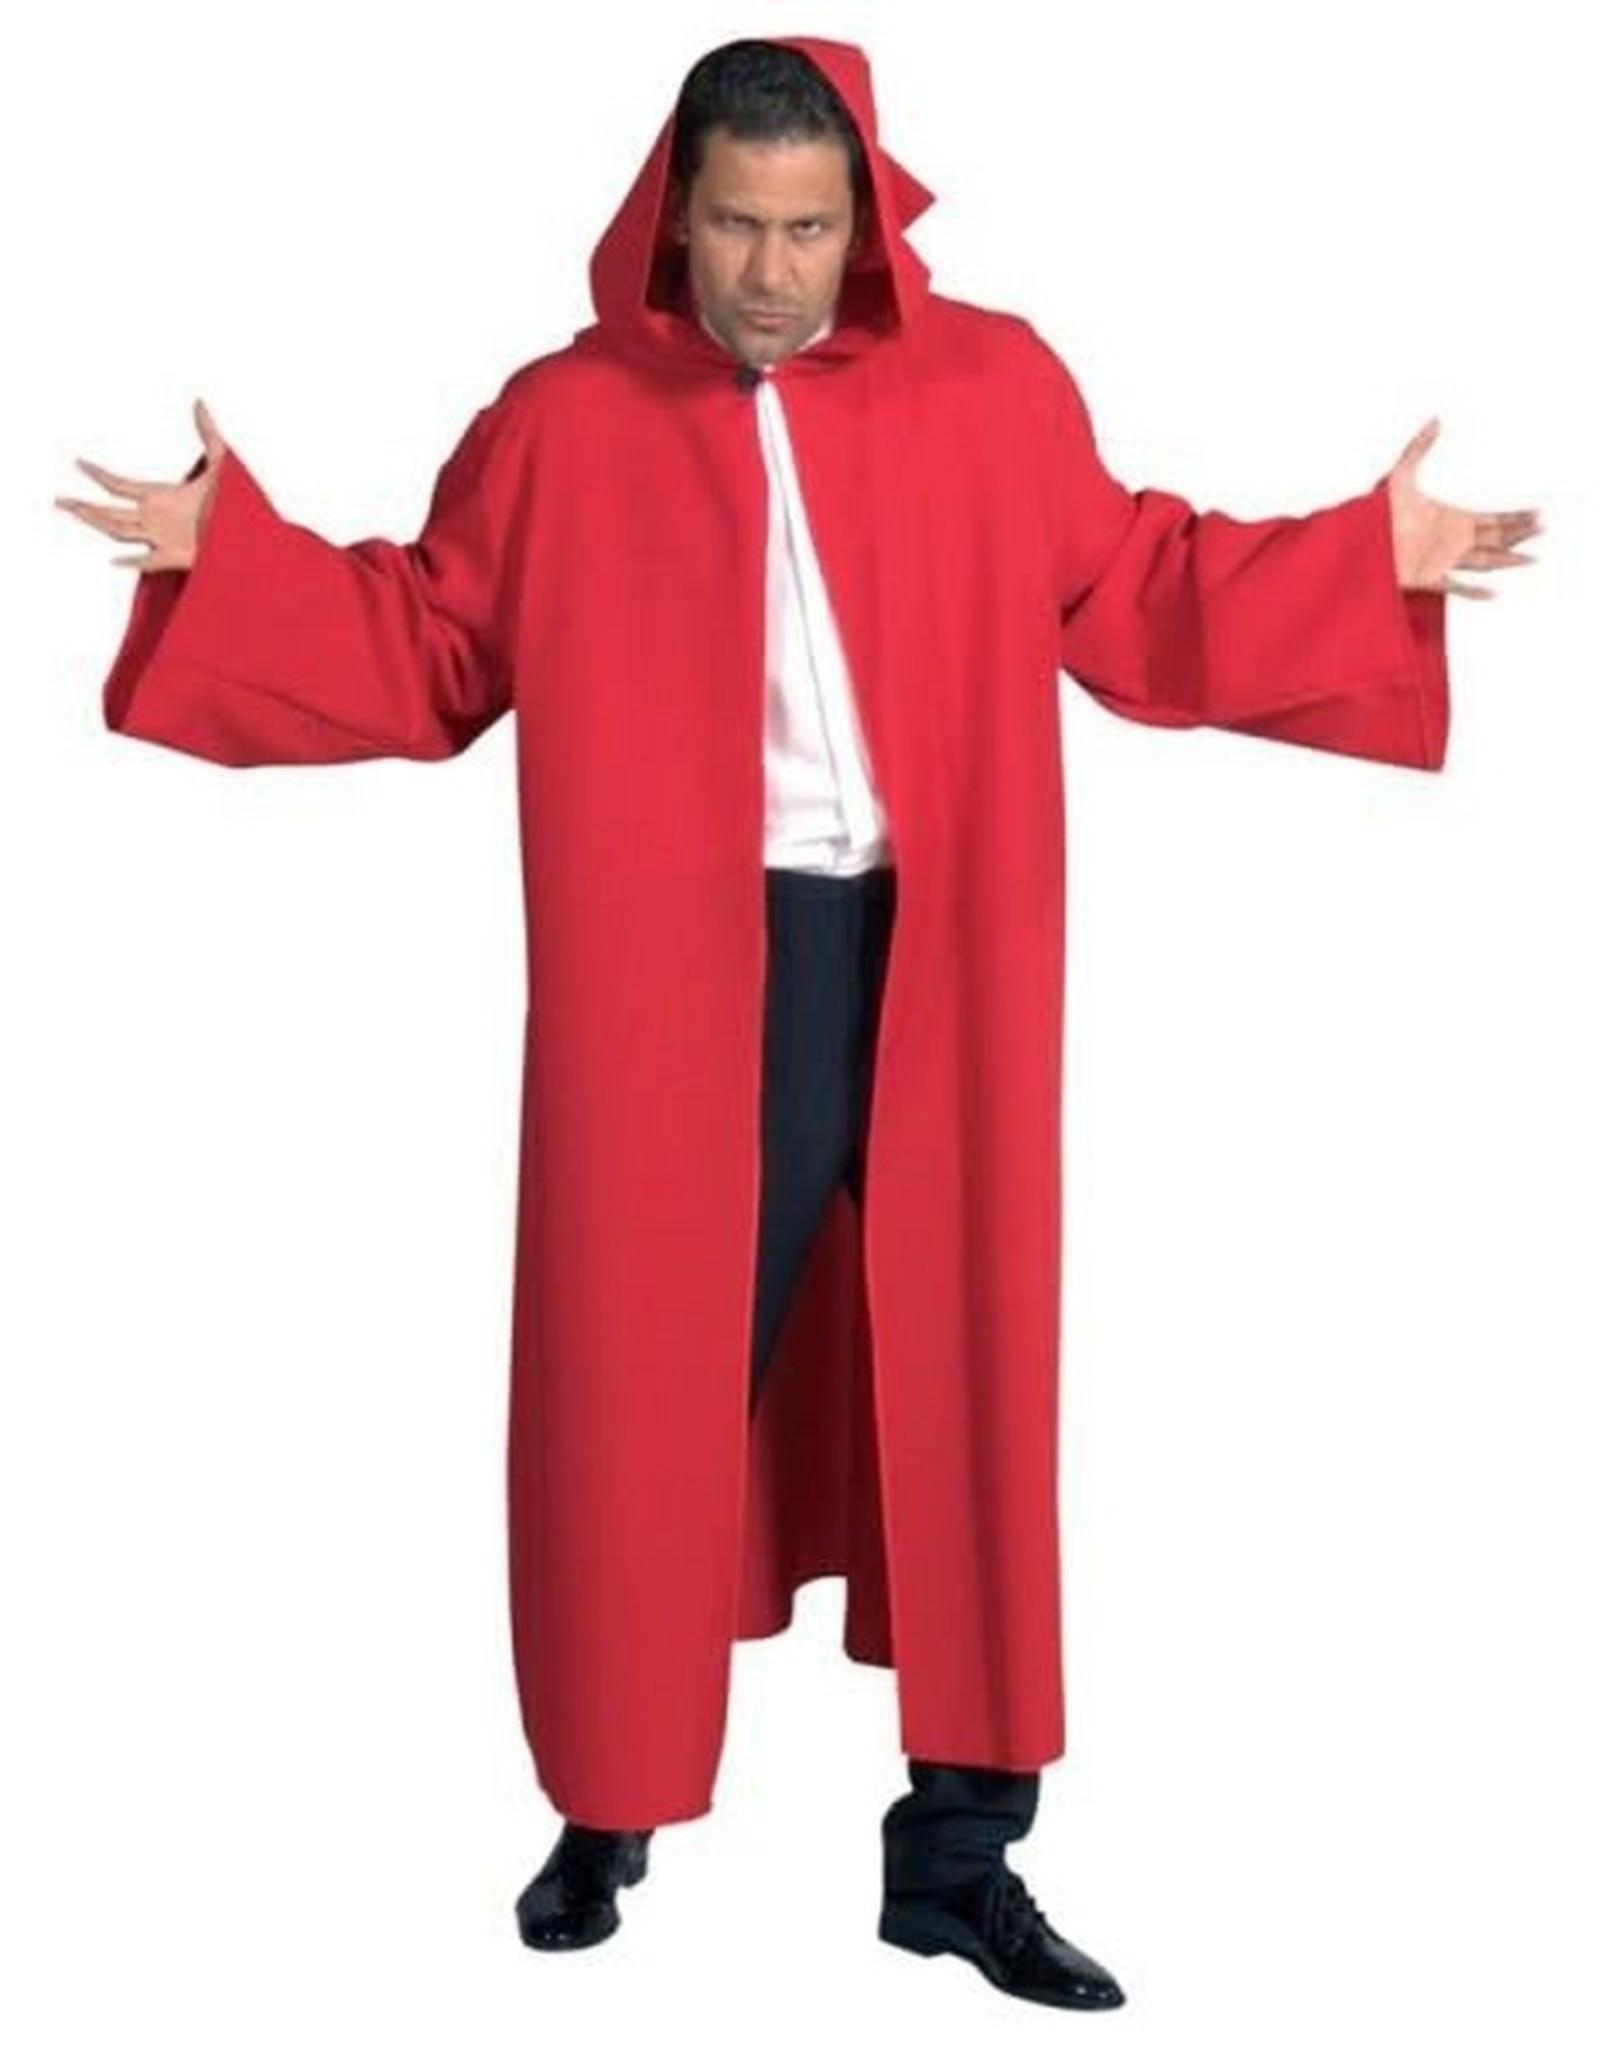 MAGIC Venetiaanse mantel rood  met mouwen huurprijs 15